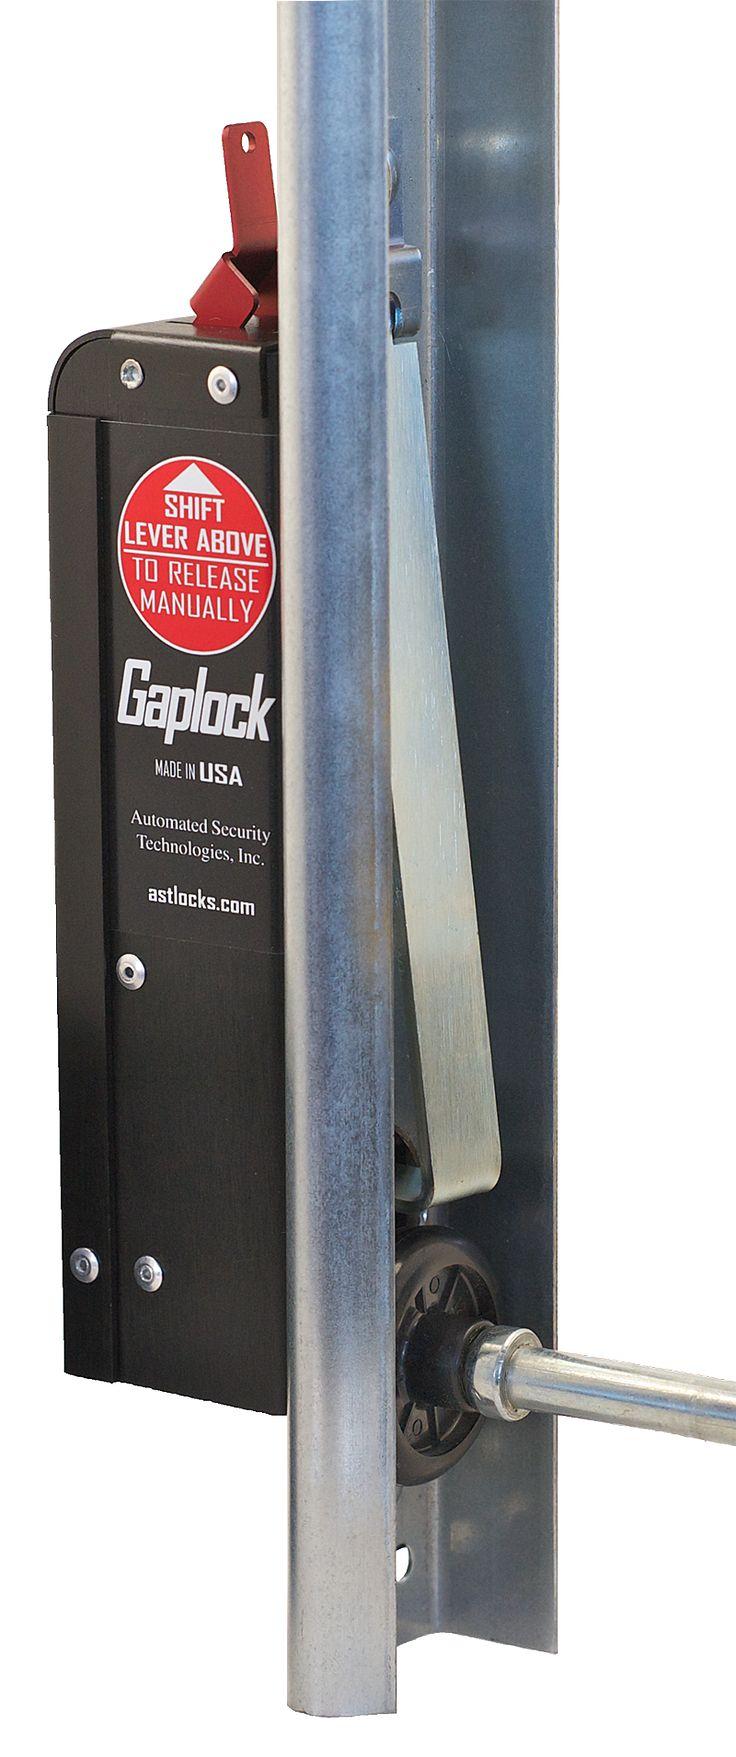 Canopy garage door kit - Print For Garage Gaplock Gdo Lock That Works With Automatic Garage Door Openers